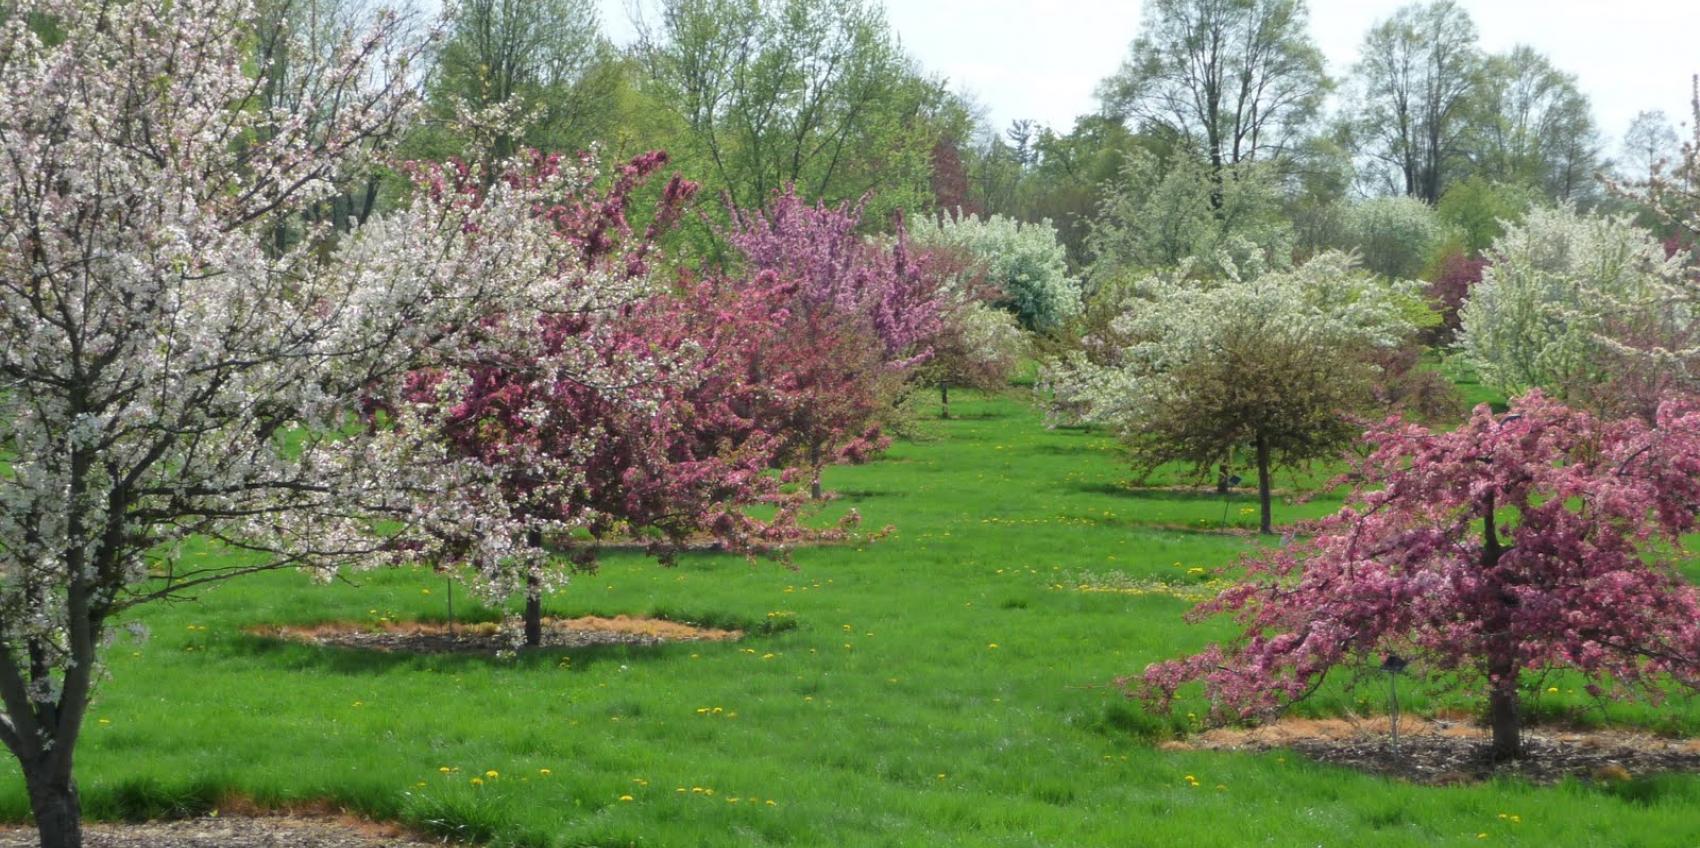 Secrest arboretum oardc american public gardens association for American garden association